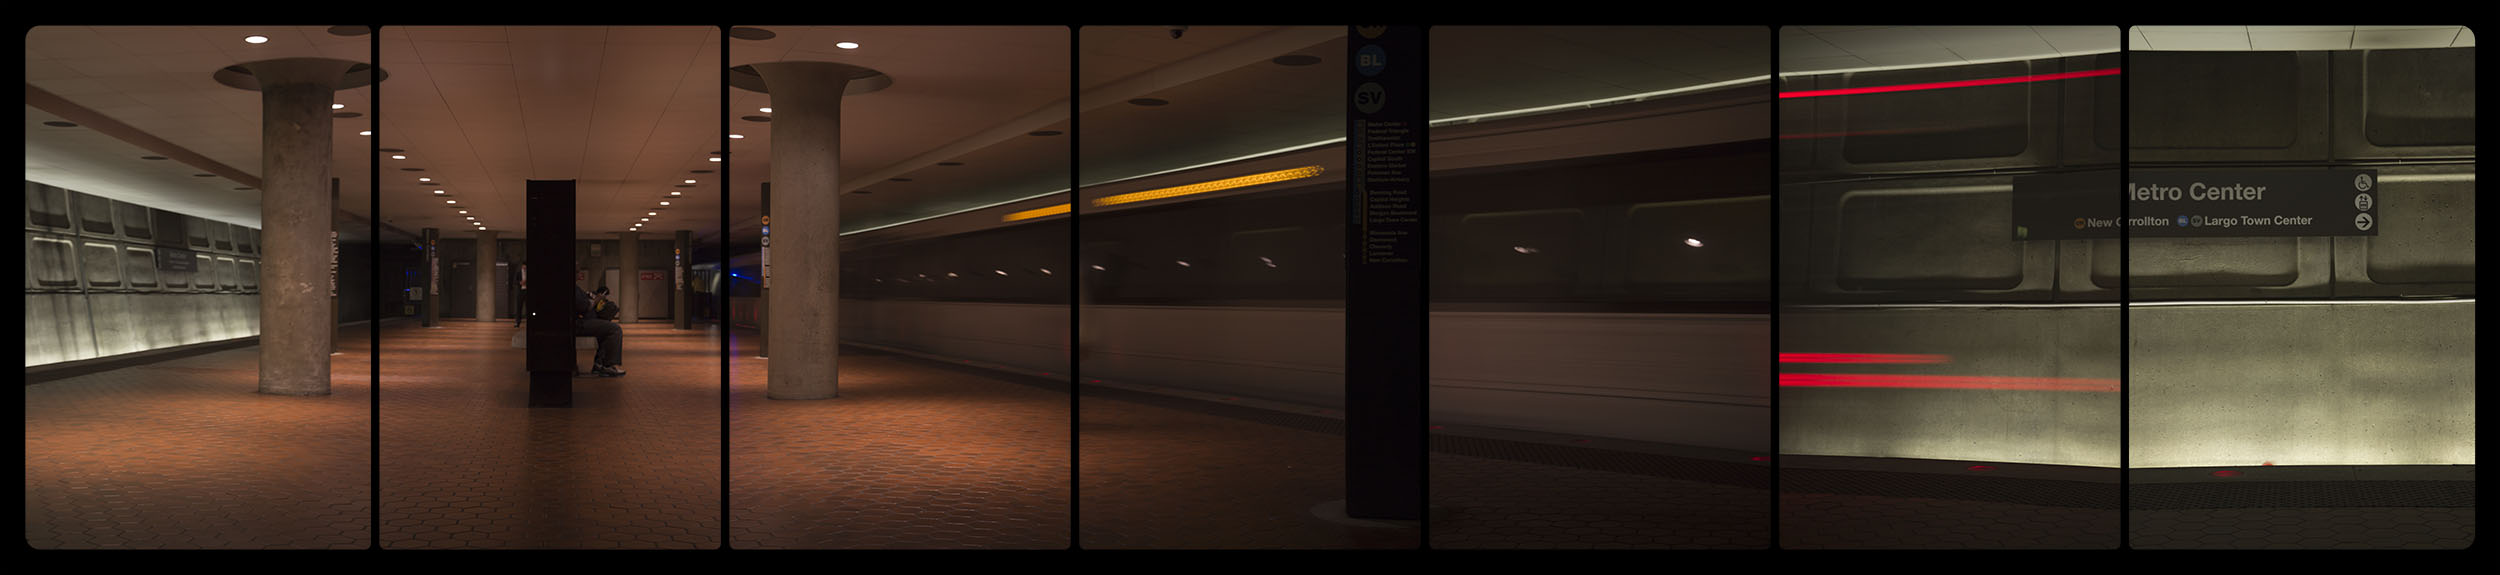 Metro Rail, Metro Center,11-24-2014,4155-4161